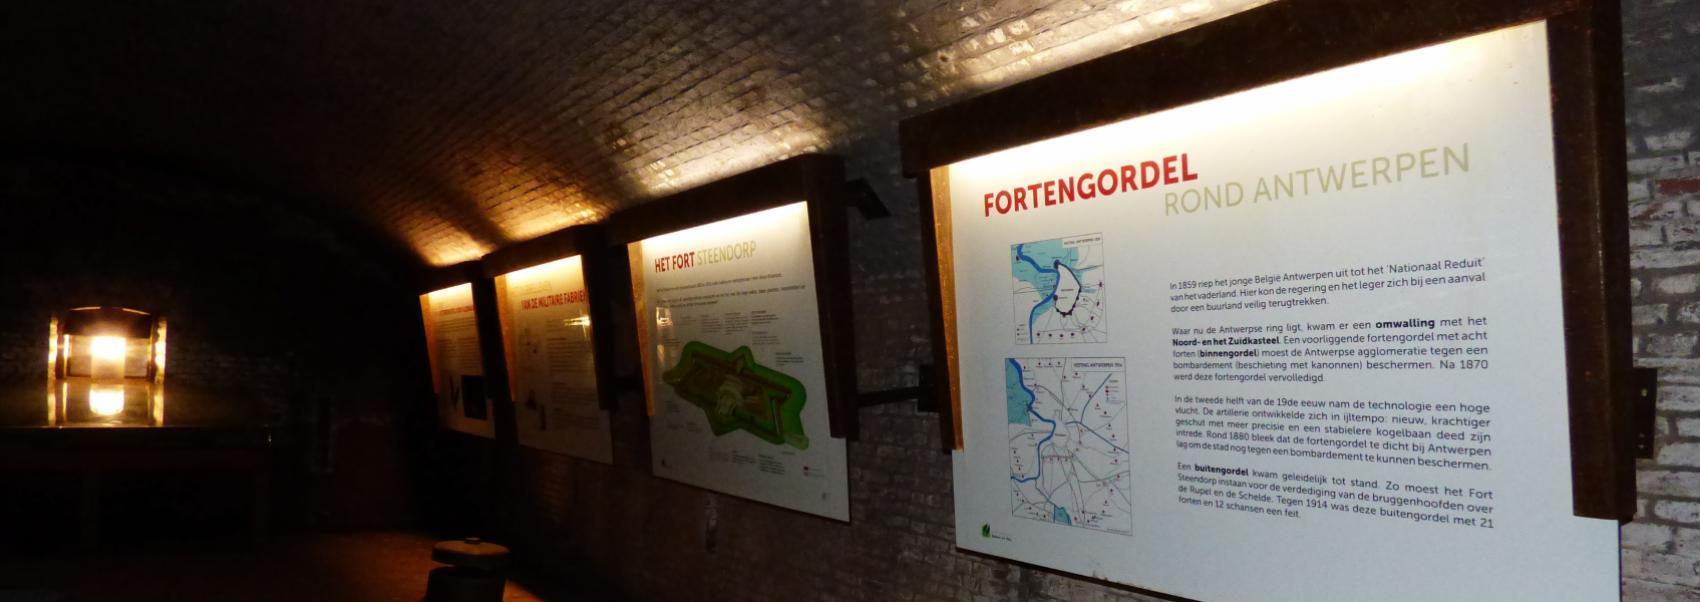 Kruitkamer in het fort